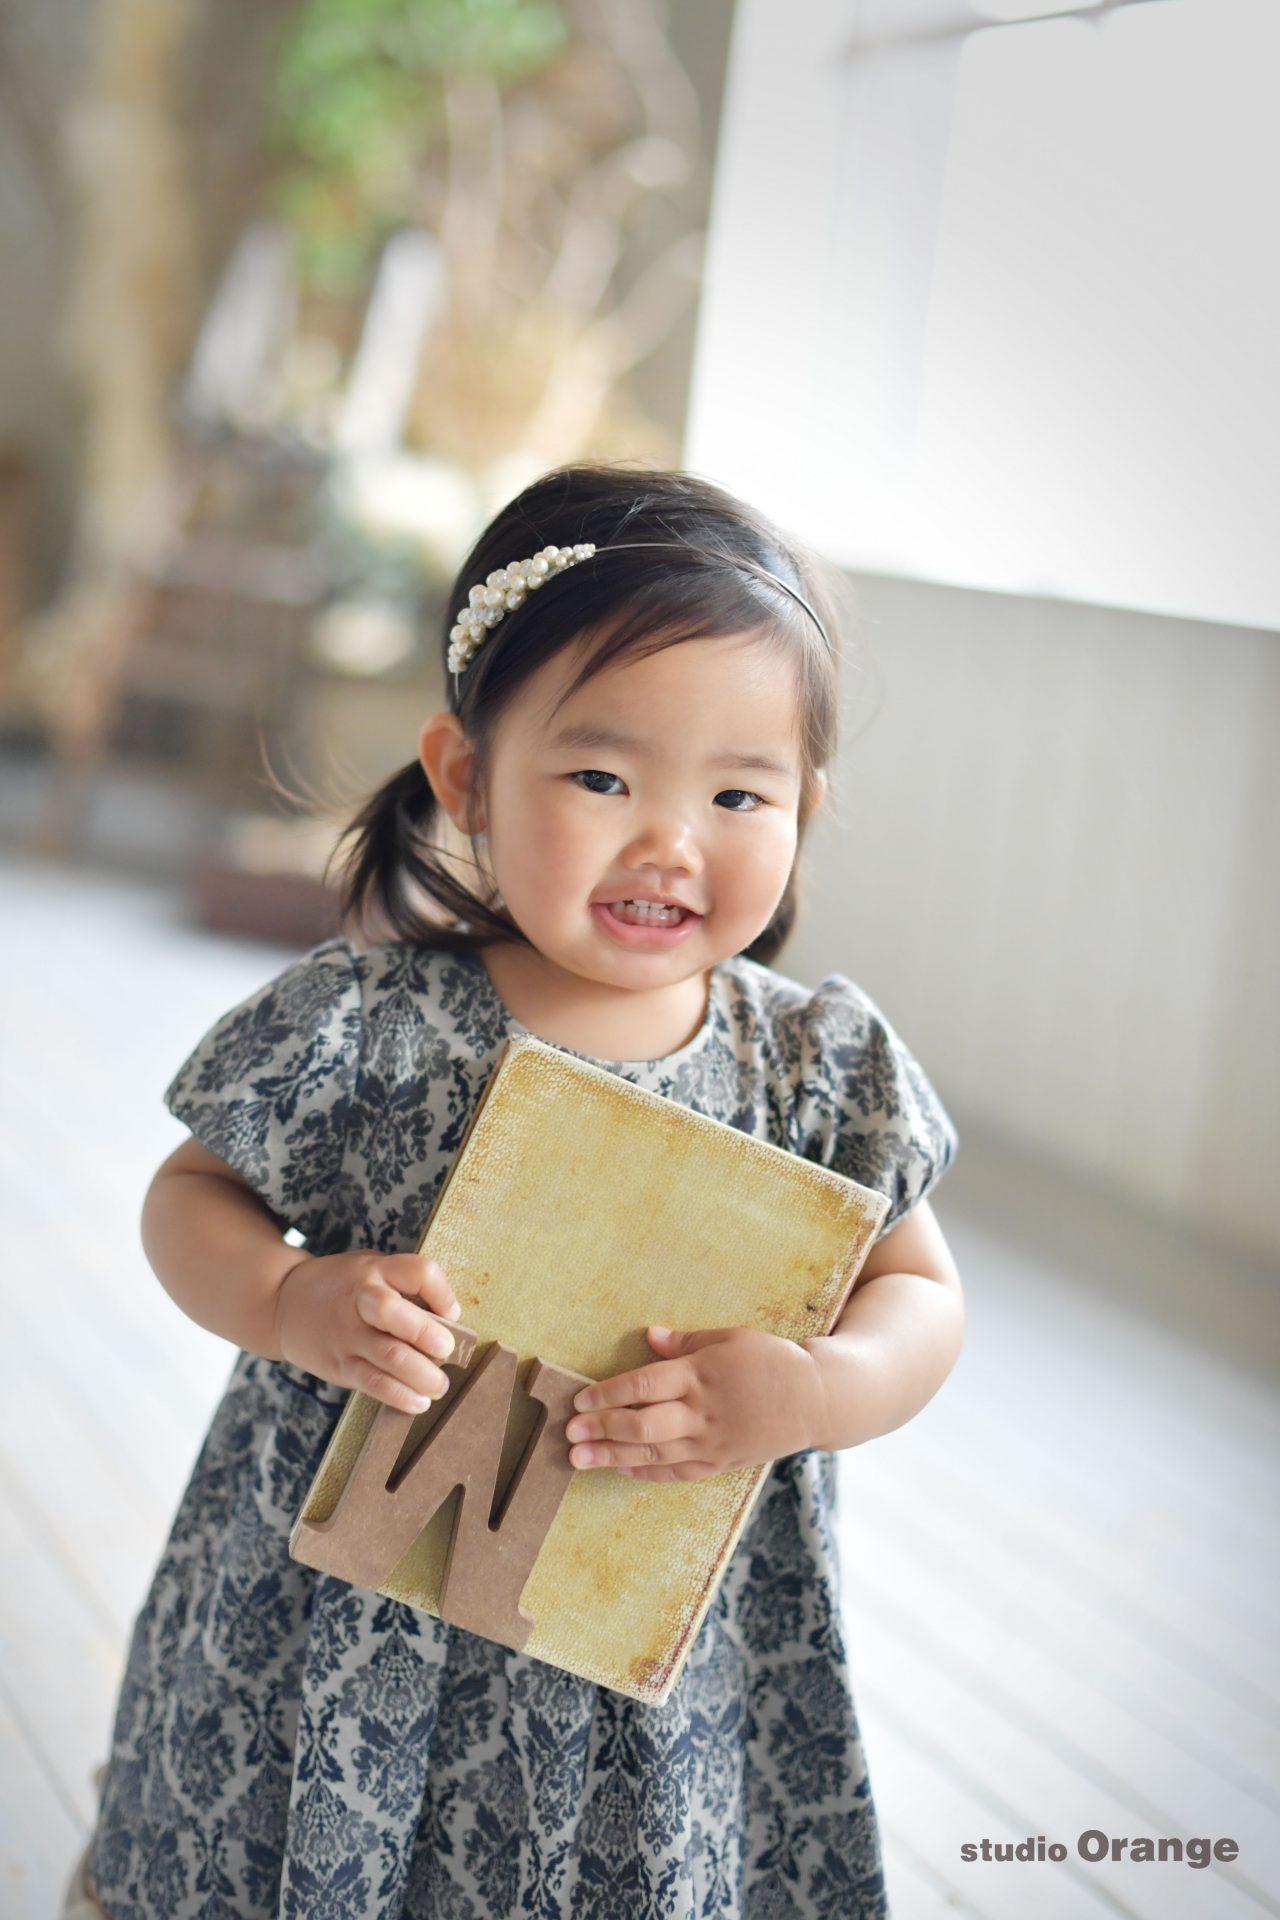 奈良市のフォトスタジオ、スタジオオレンジでバースデー撮影。スタジオで見つけたお気に入りおおもちゃを大事に抱えるドレスを着た女の子。